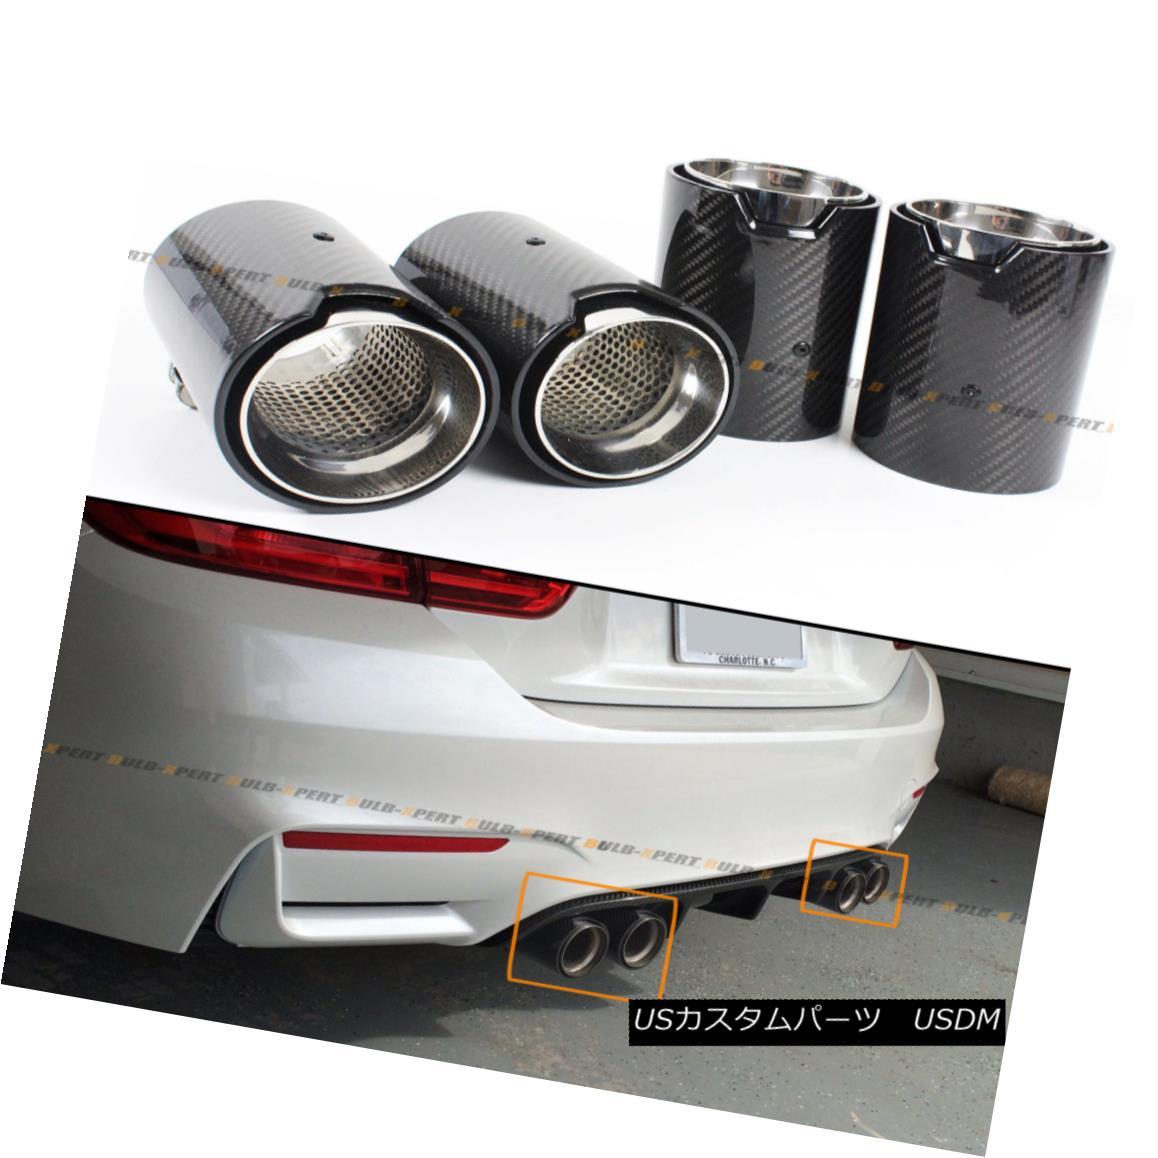 エアロパーツ FOR 2015-2018 BMW F80 M3 F82 M4 CARBON FIBER STAINLESS EXHAUST TIP FINISHERS X 4 2015-2018 BMW F80 M3 F82 M4カーボンファイバーステンレススチールチップフィニッシャーX 4